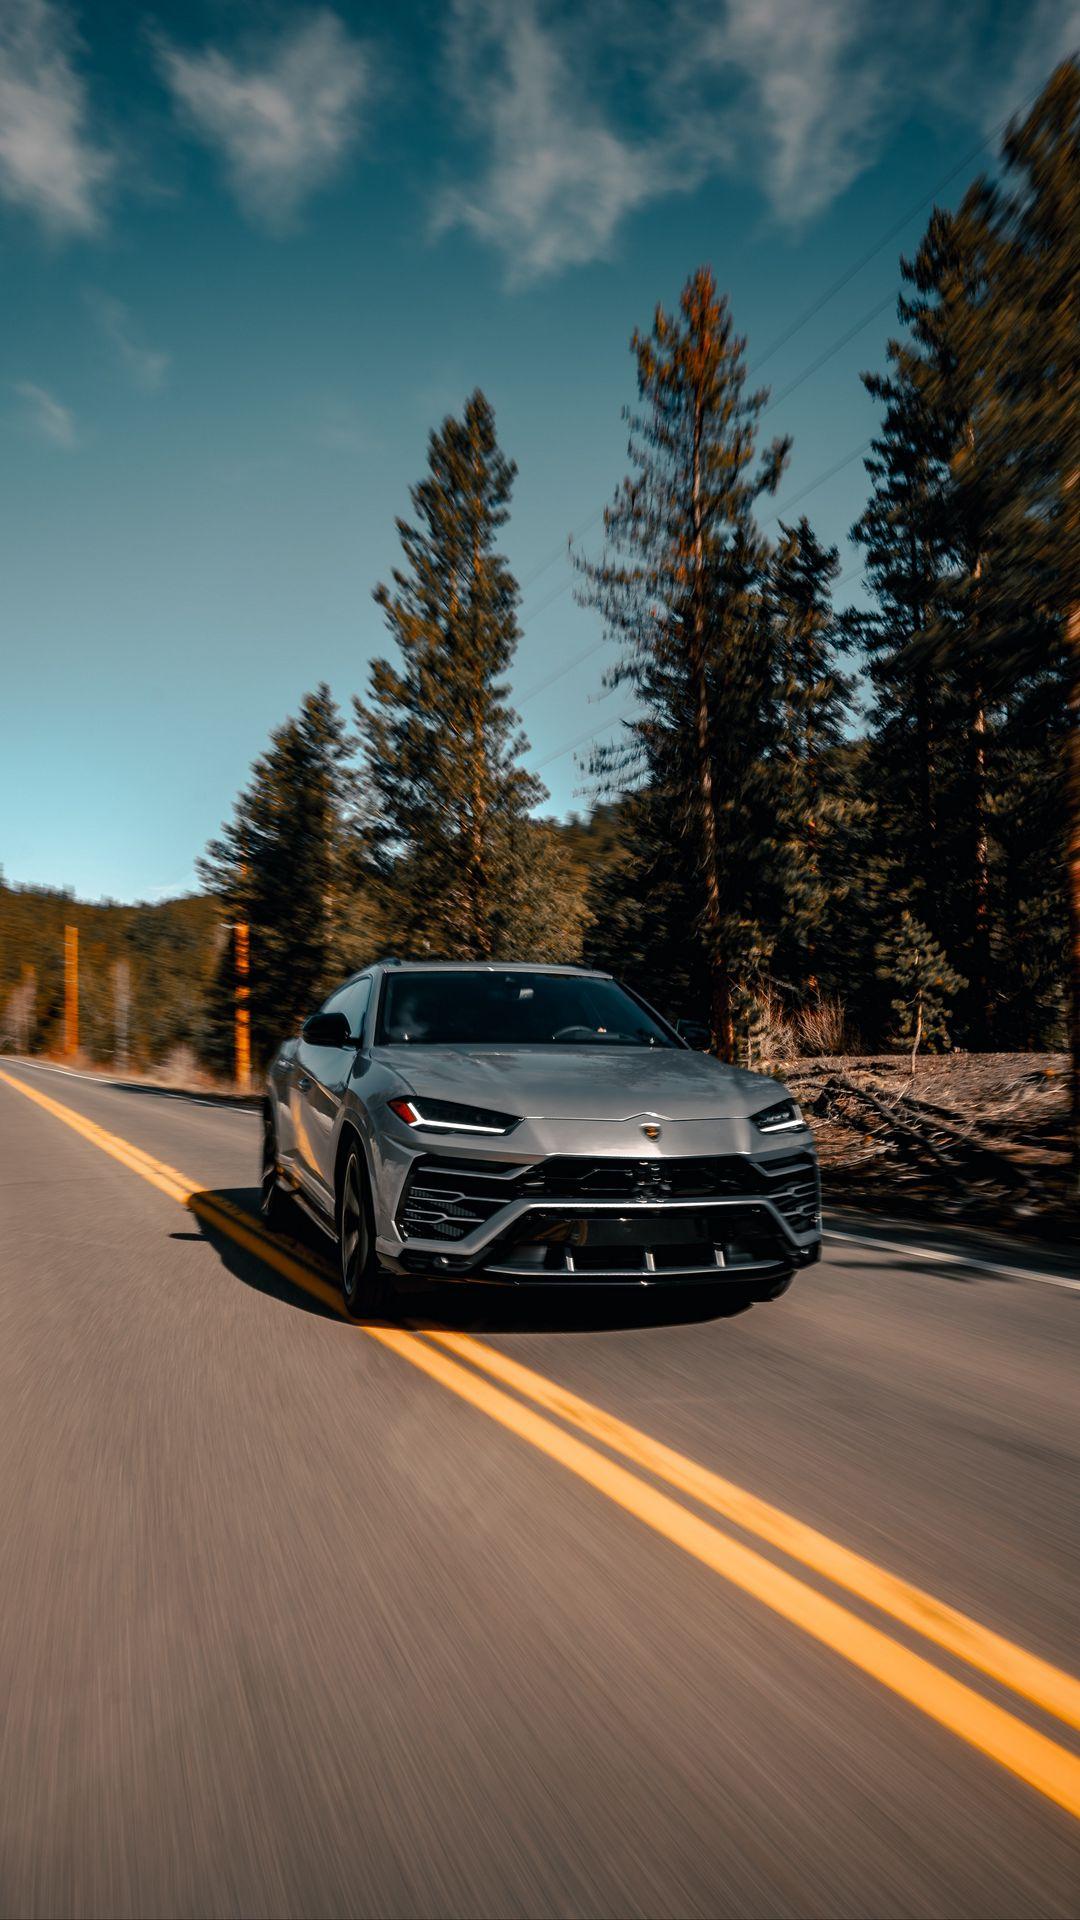 Lamborghini Urus HD Wallpapers Free Download for Phone